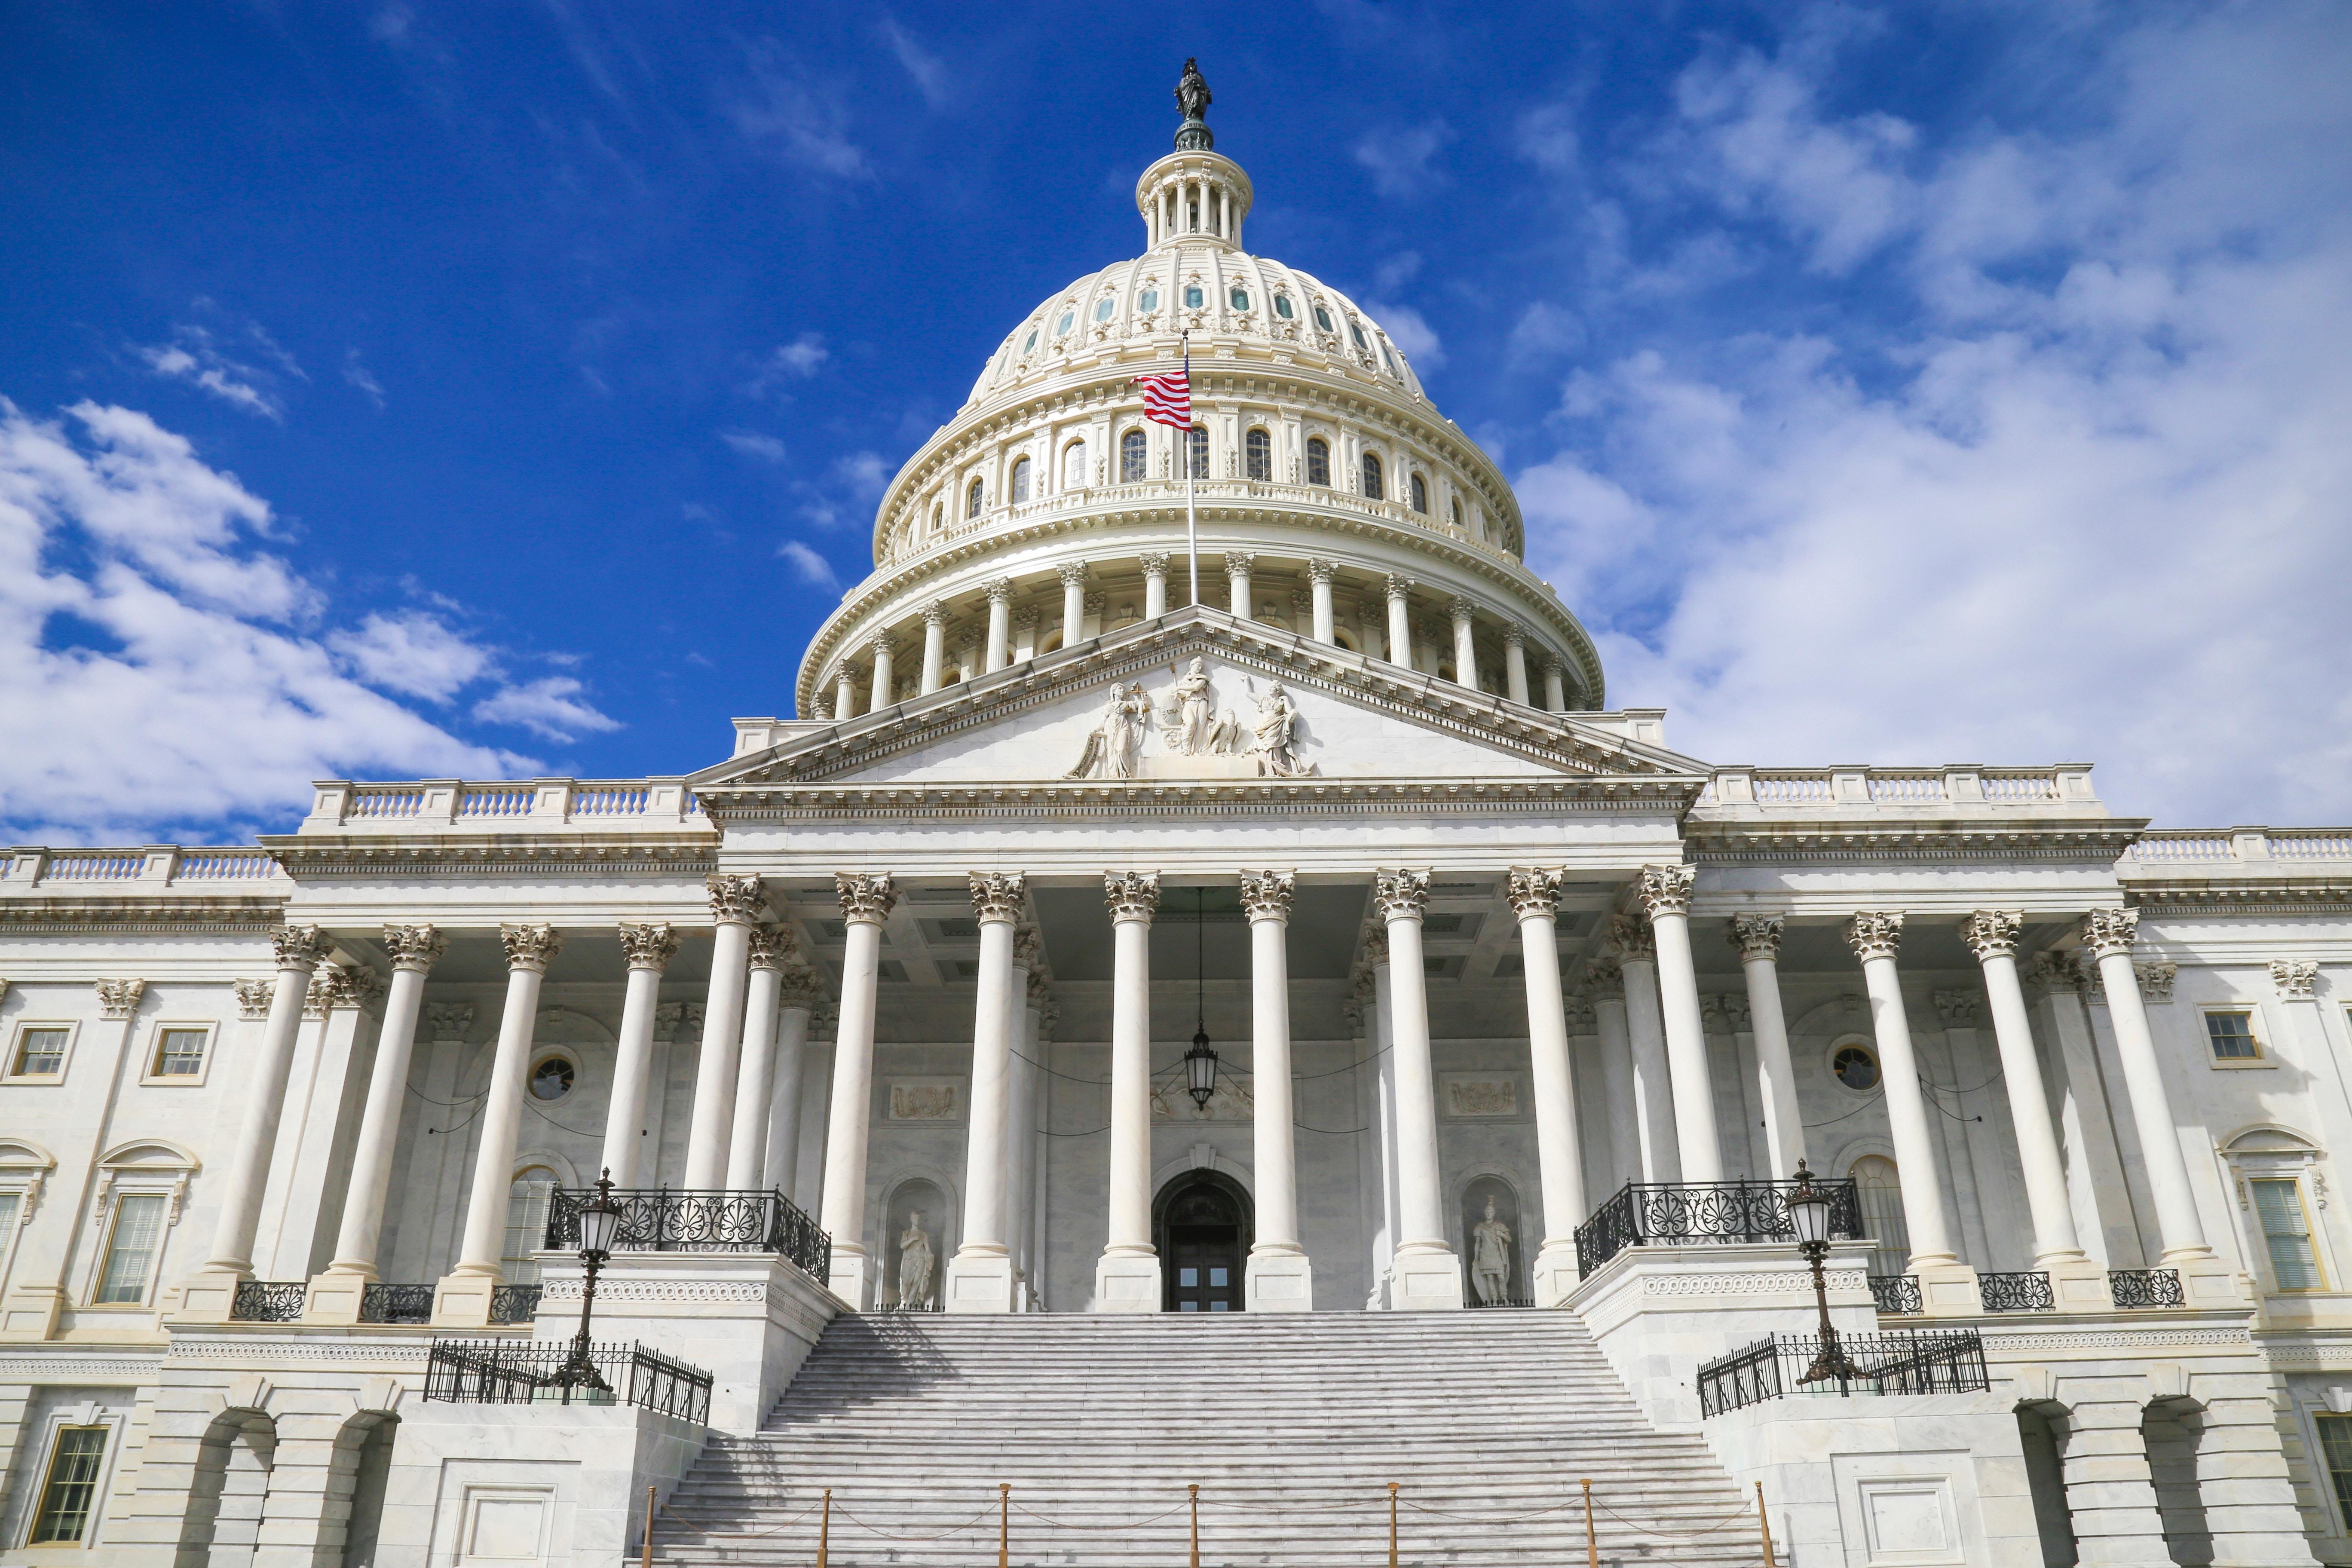 Decisões importantes são tomadad pelo Congresso, onde a diplomacia partidária não basta. Foto: Louis Velasquez/Unsplash